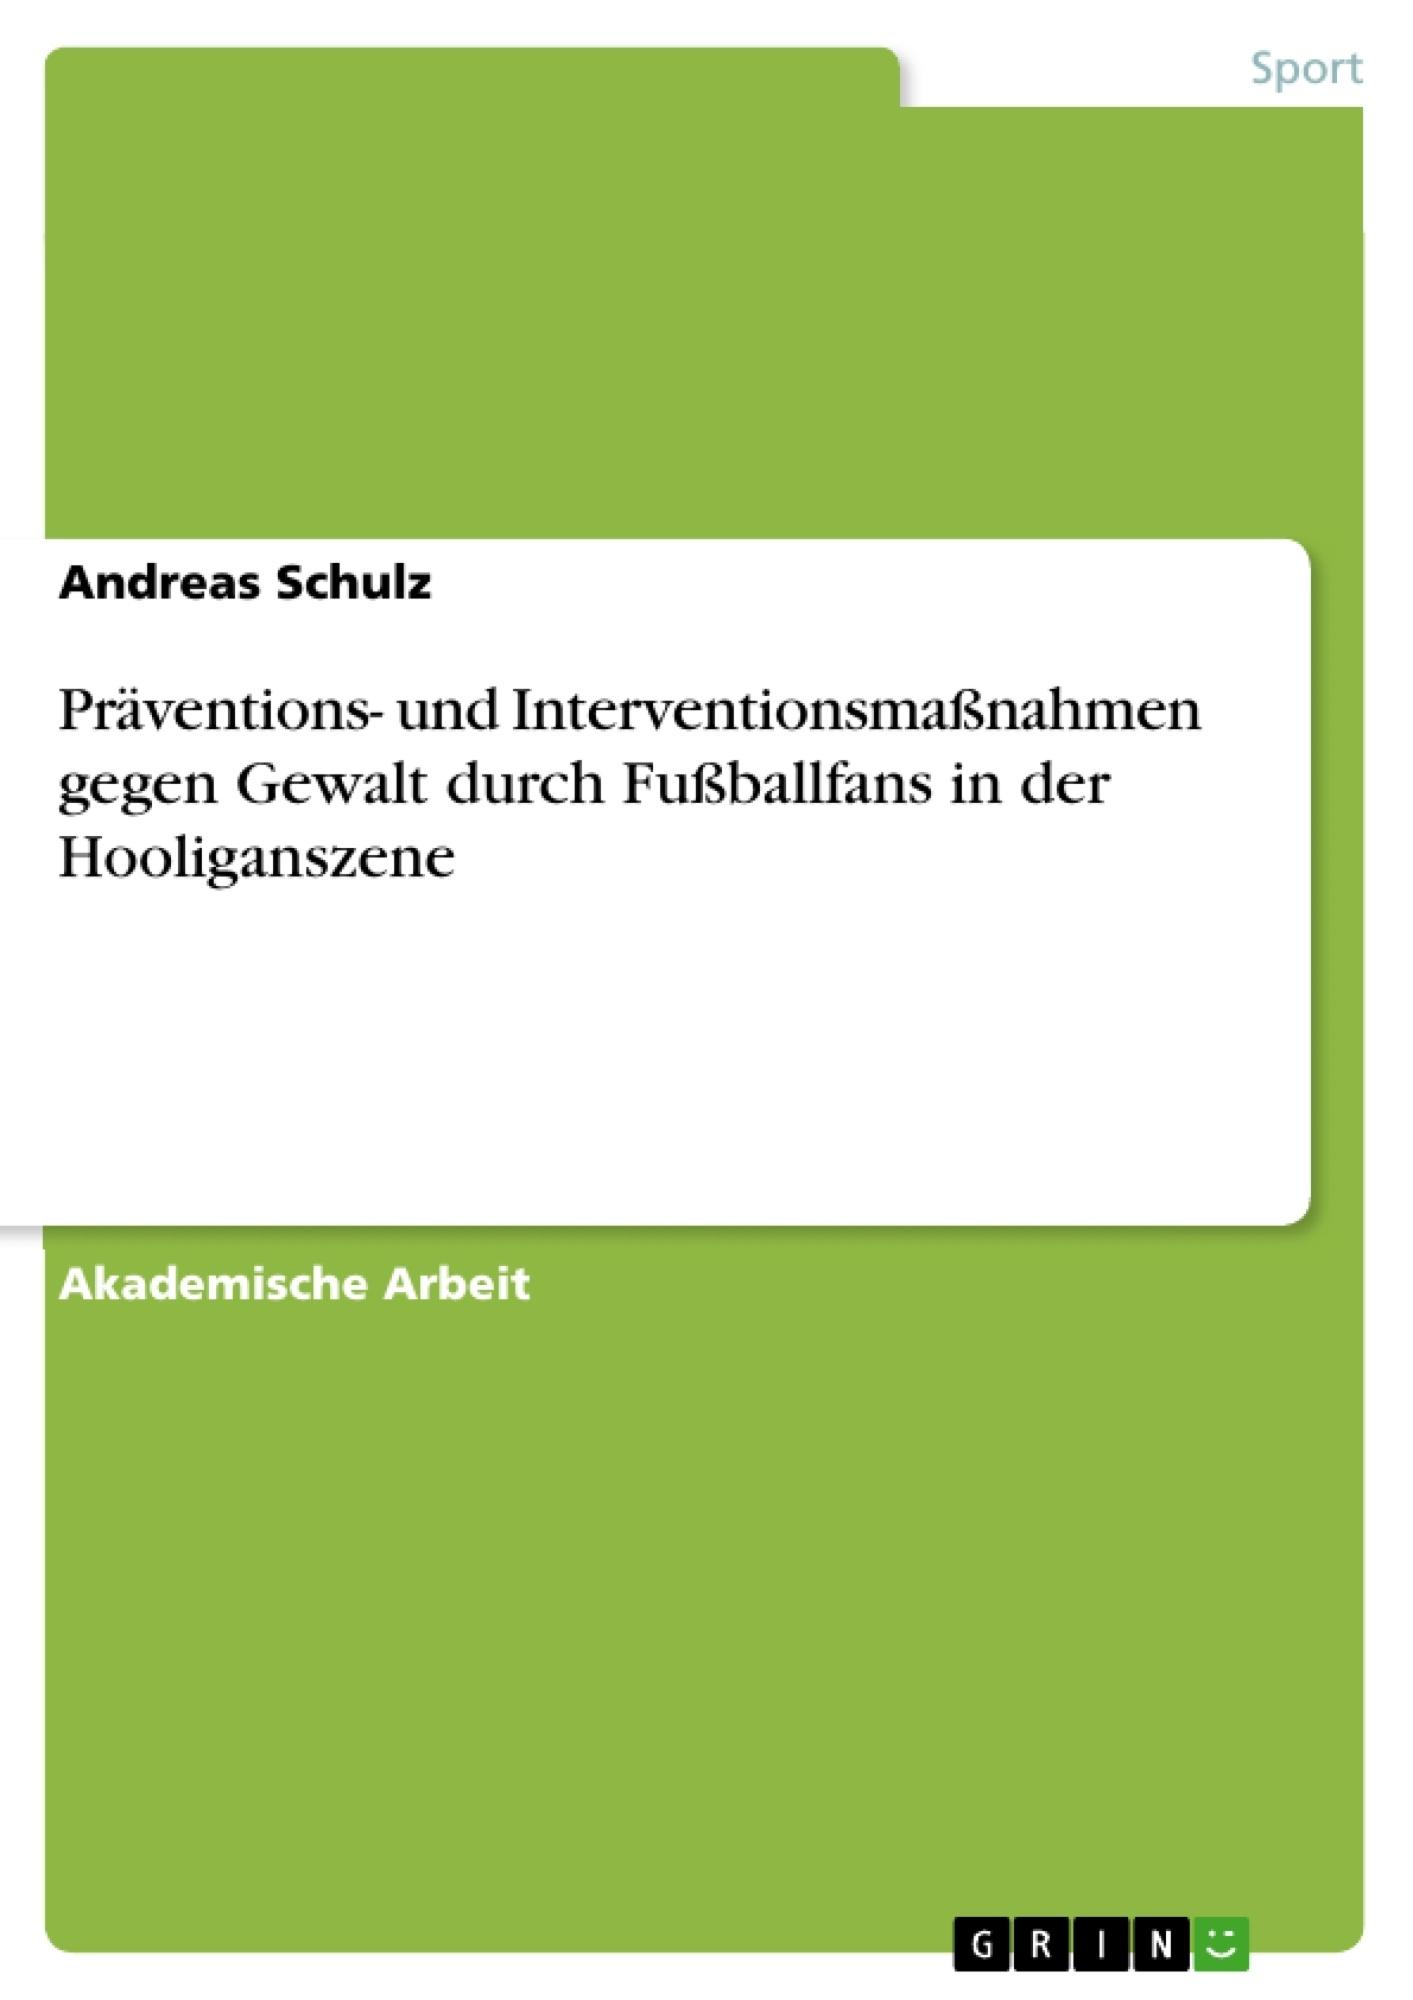 Titel: Präventions- und Interventionsmaßnahmen gegen Gewalt durch Fußballfans in der Hooliganszene